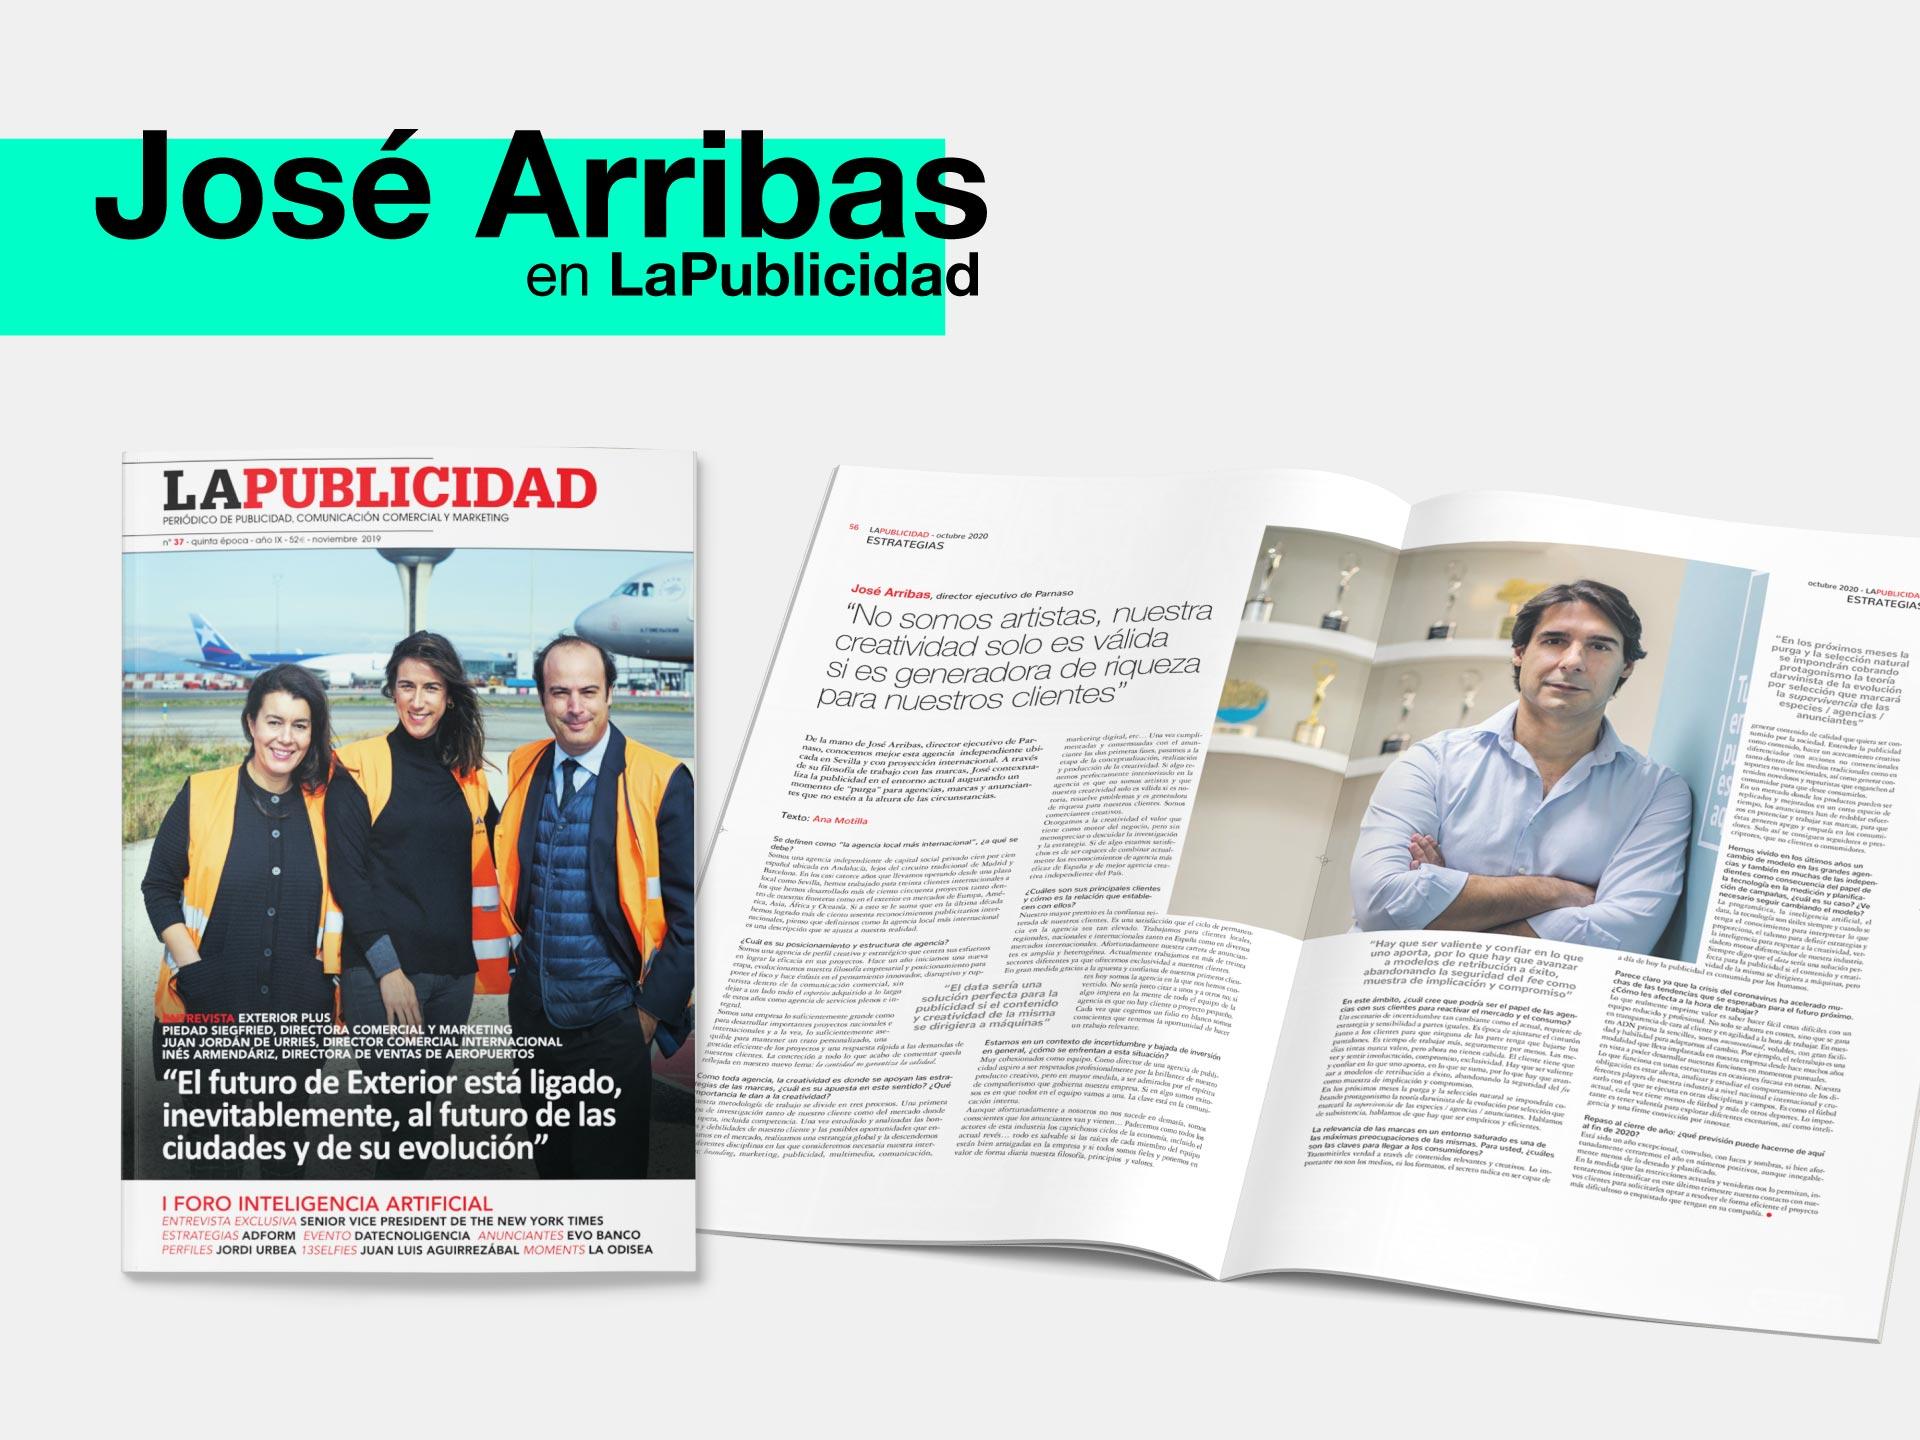 Entrevista a José Arribas León, CEO de Parnaso, en La Publicidad - Parnaso